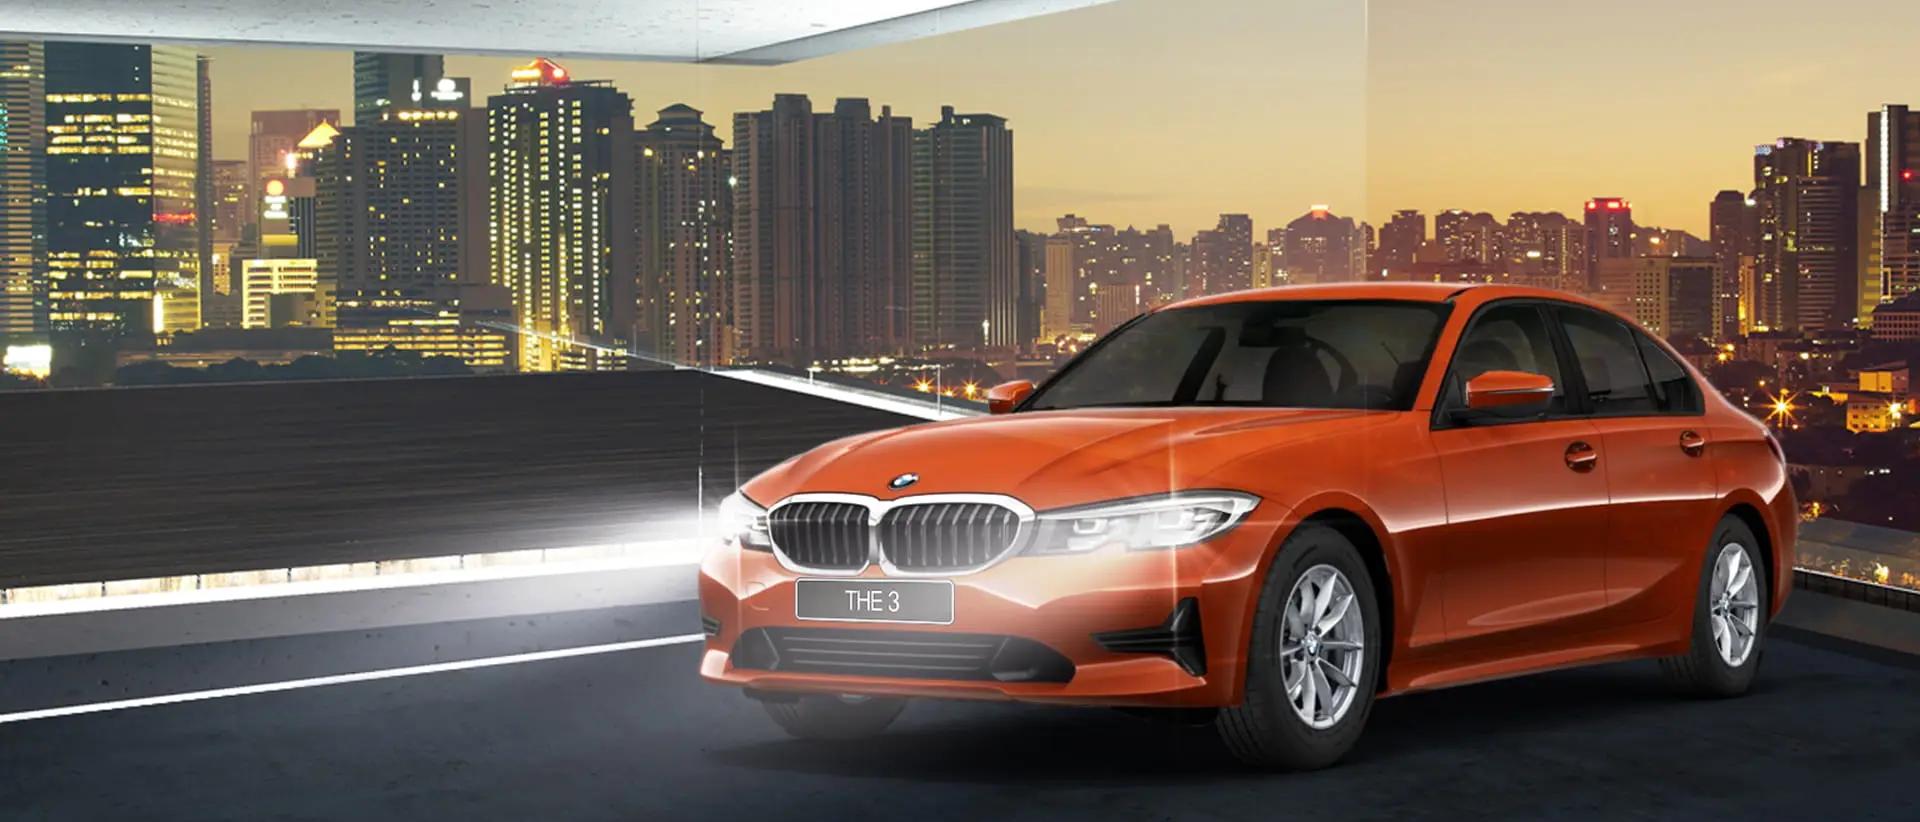 Купить новый кабриолет БМВ 8 серии 2020-2021 в Москве в автосалоне официального дилера BMW Автодом Внуково